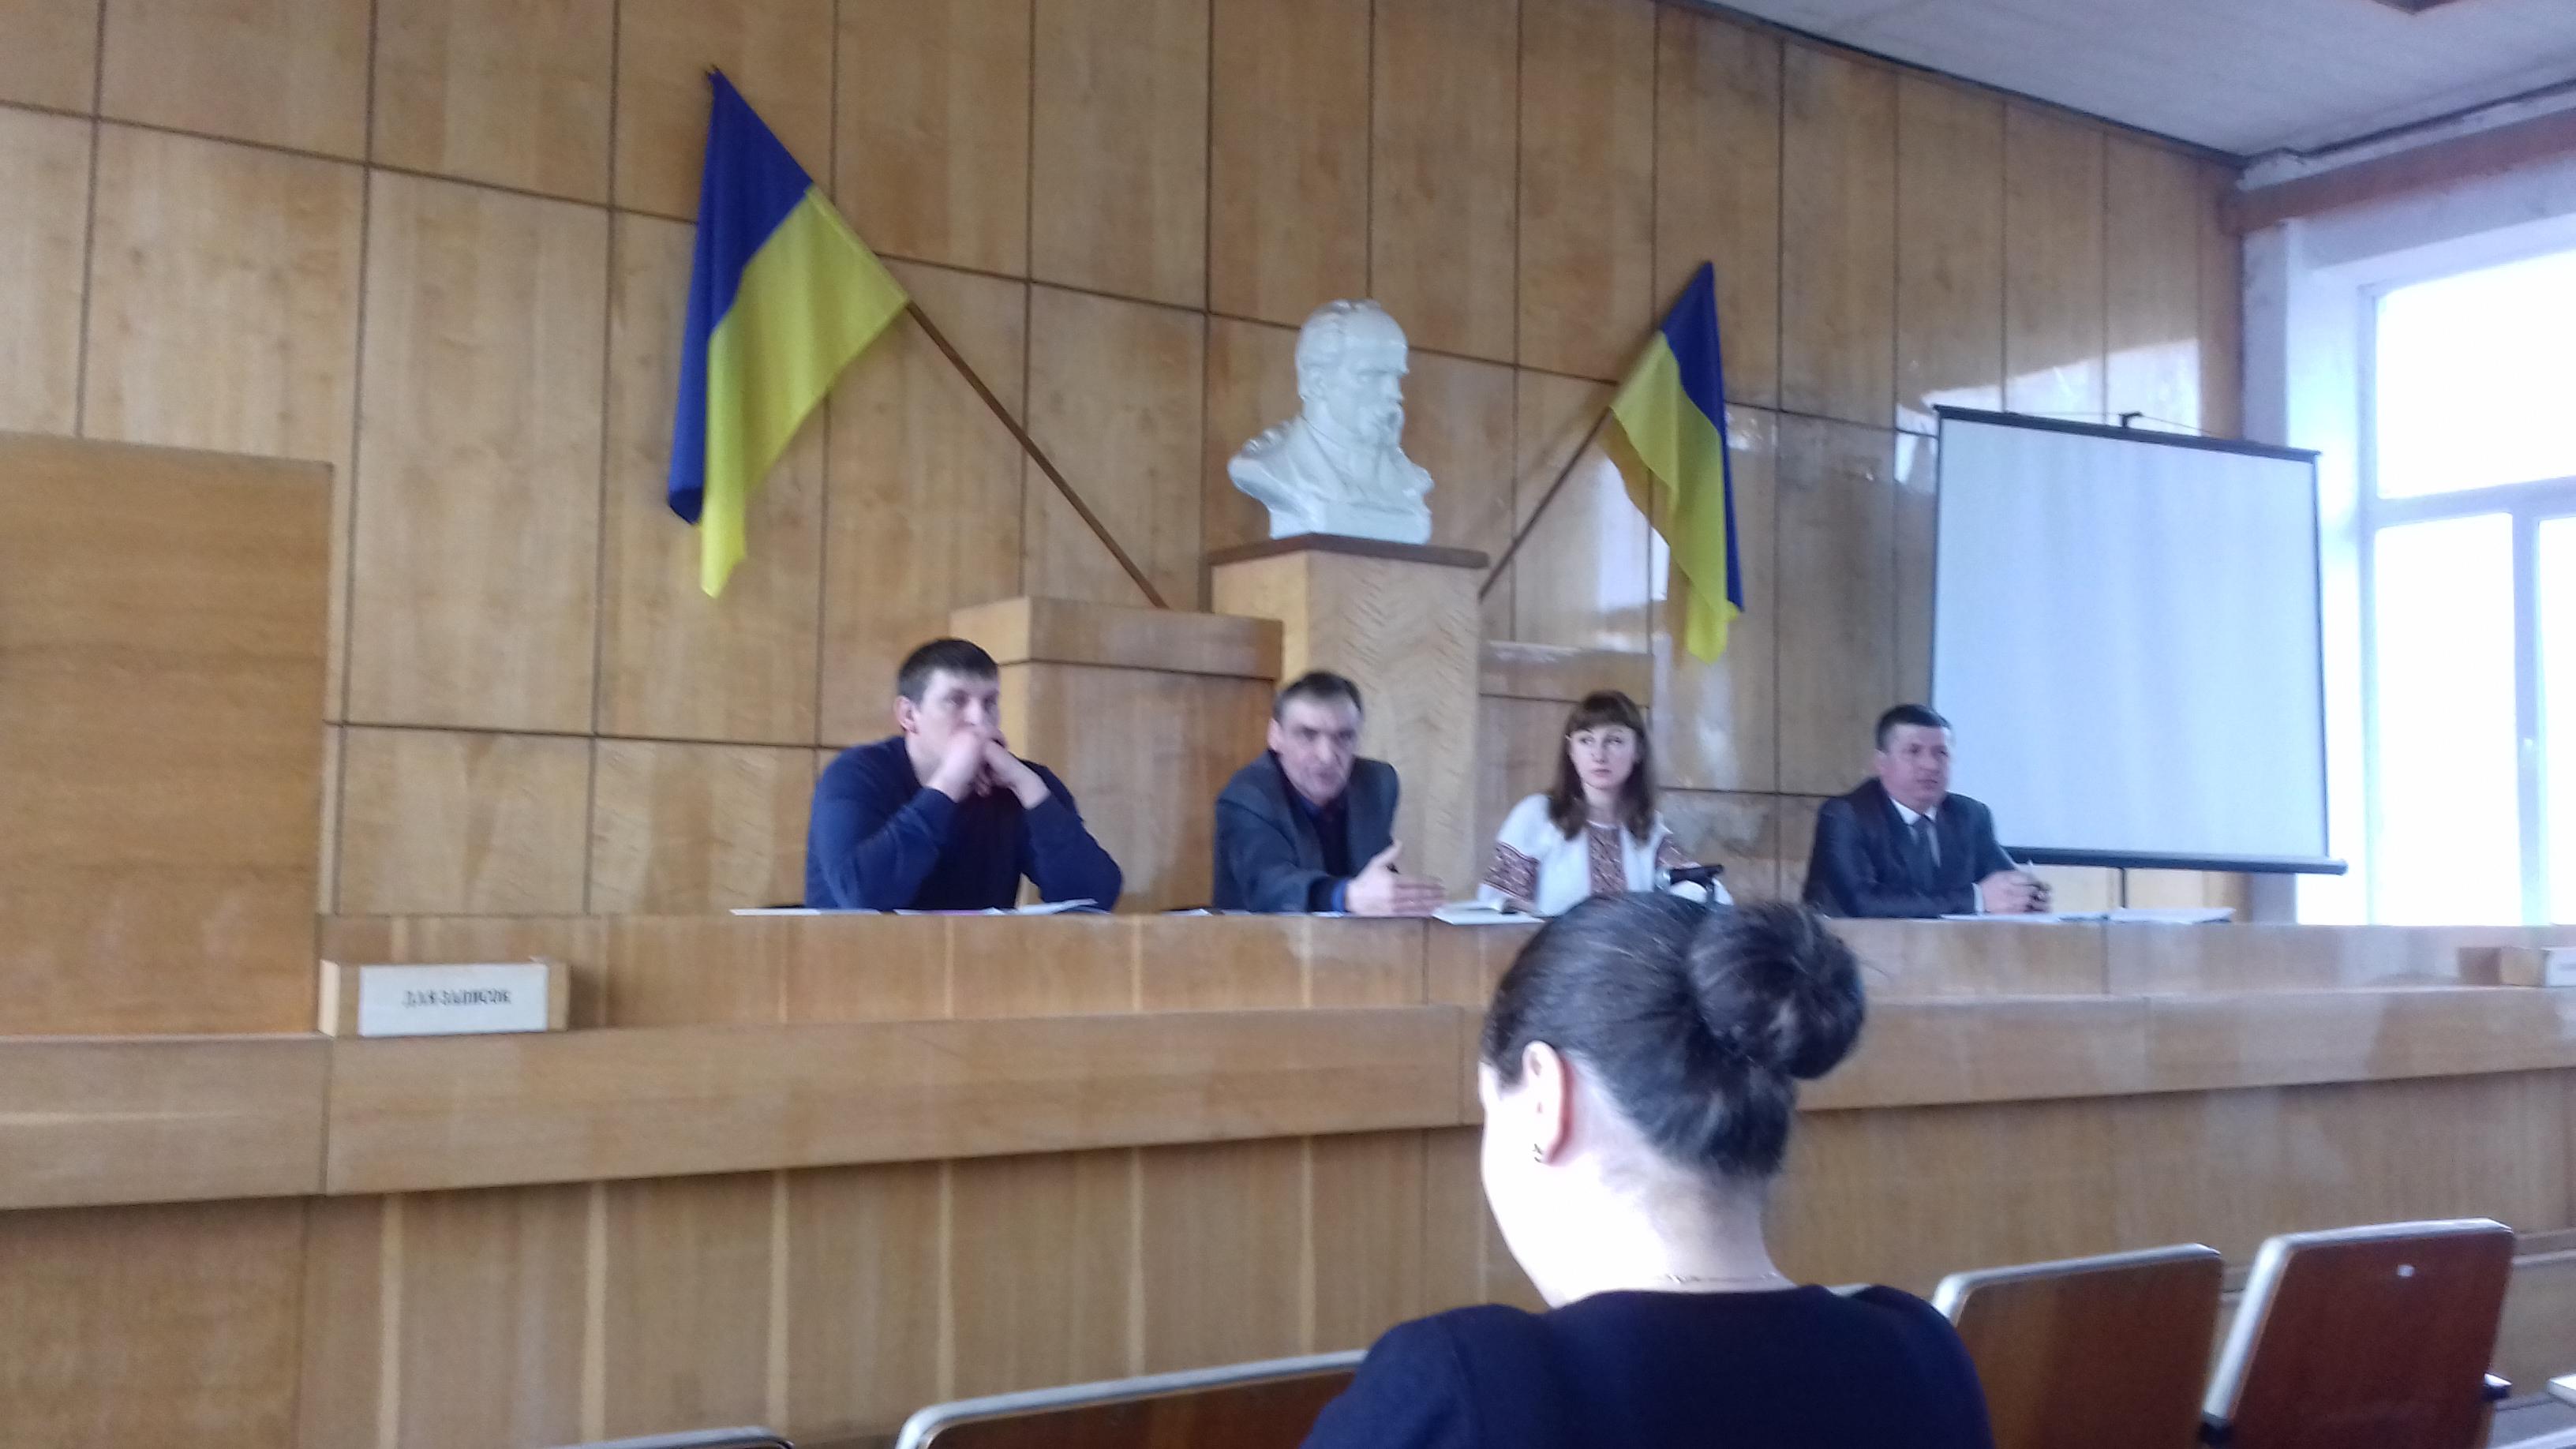 Відбулося спільне засідання Колегії відділу освіти та Ради районної профспілкової організації по виконанню та внесення змін до Колективної угоди